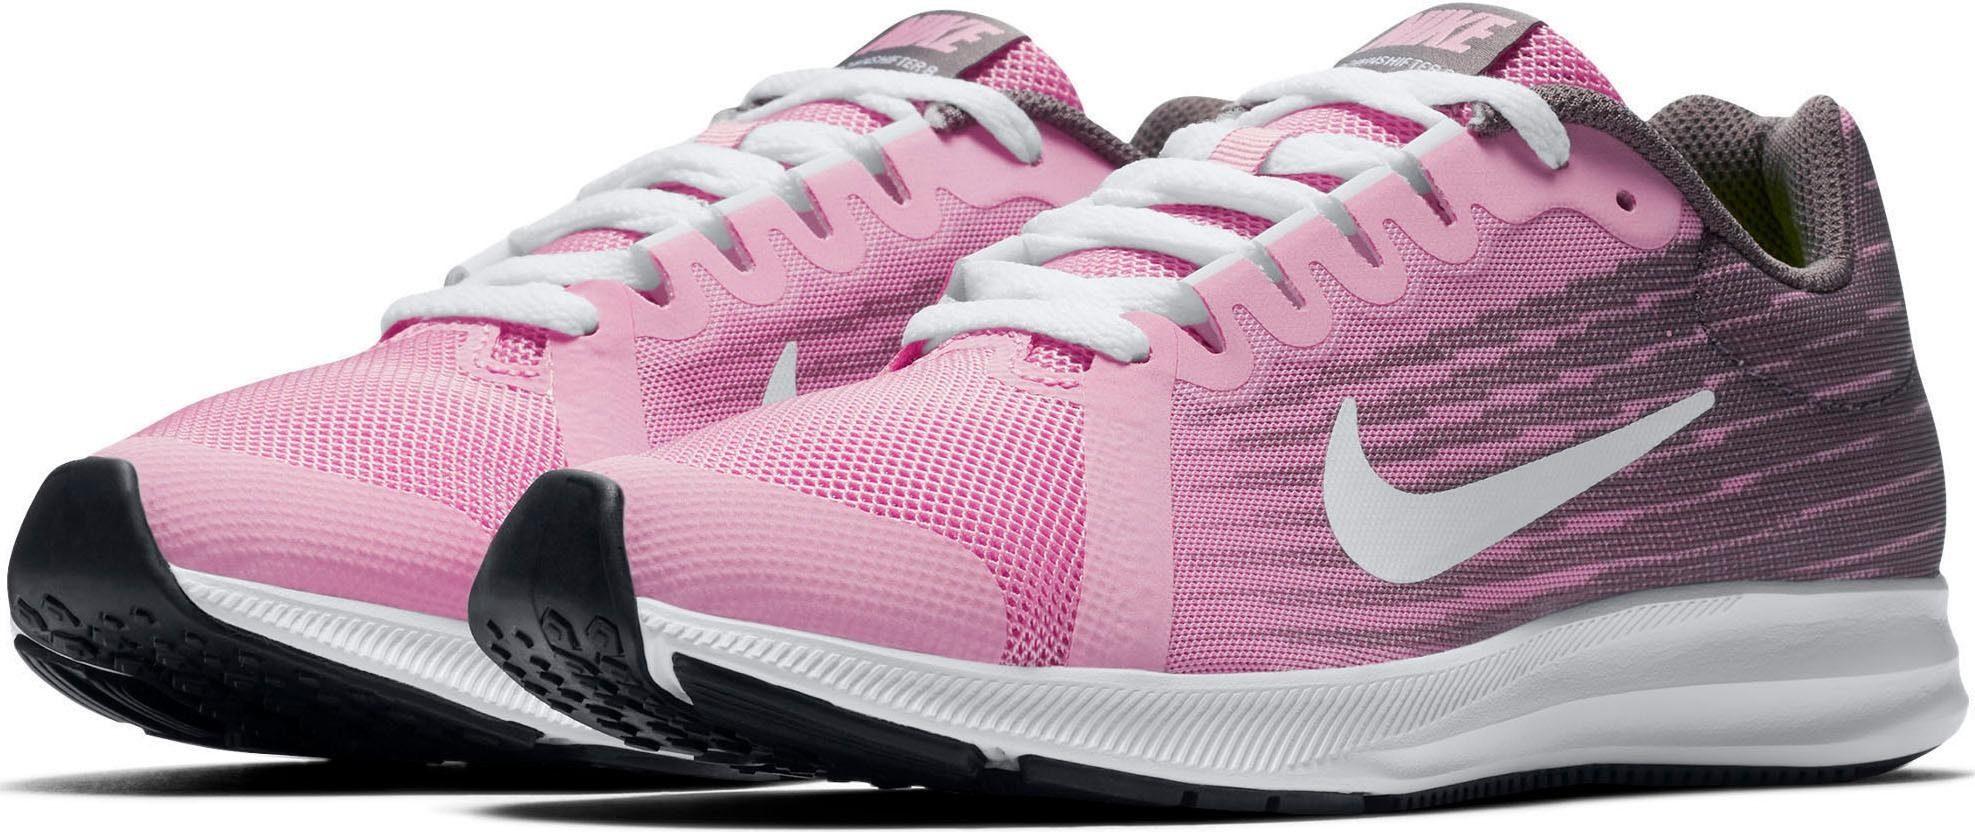 Nike »Downshifter 8 (gs)« Laufschuh, Bequemer Laufschuh von Nike online kaufen   OTTO